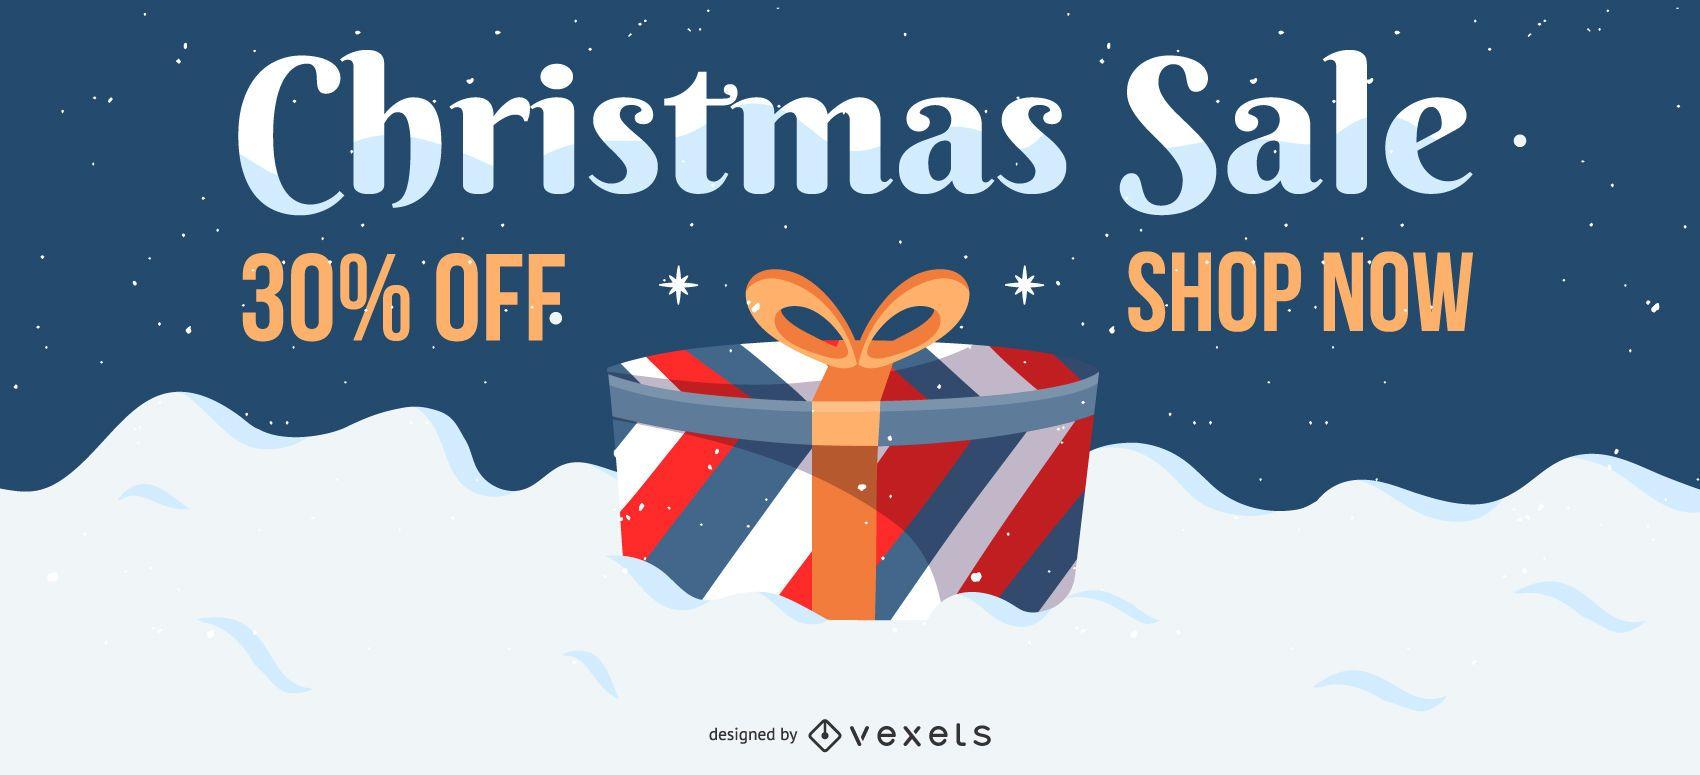 Christmas sale gift design